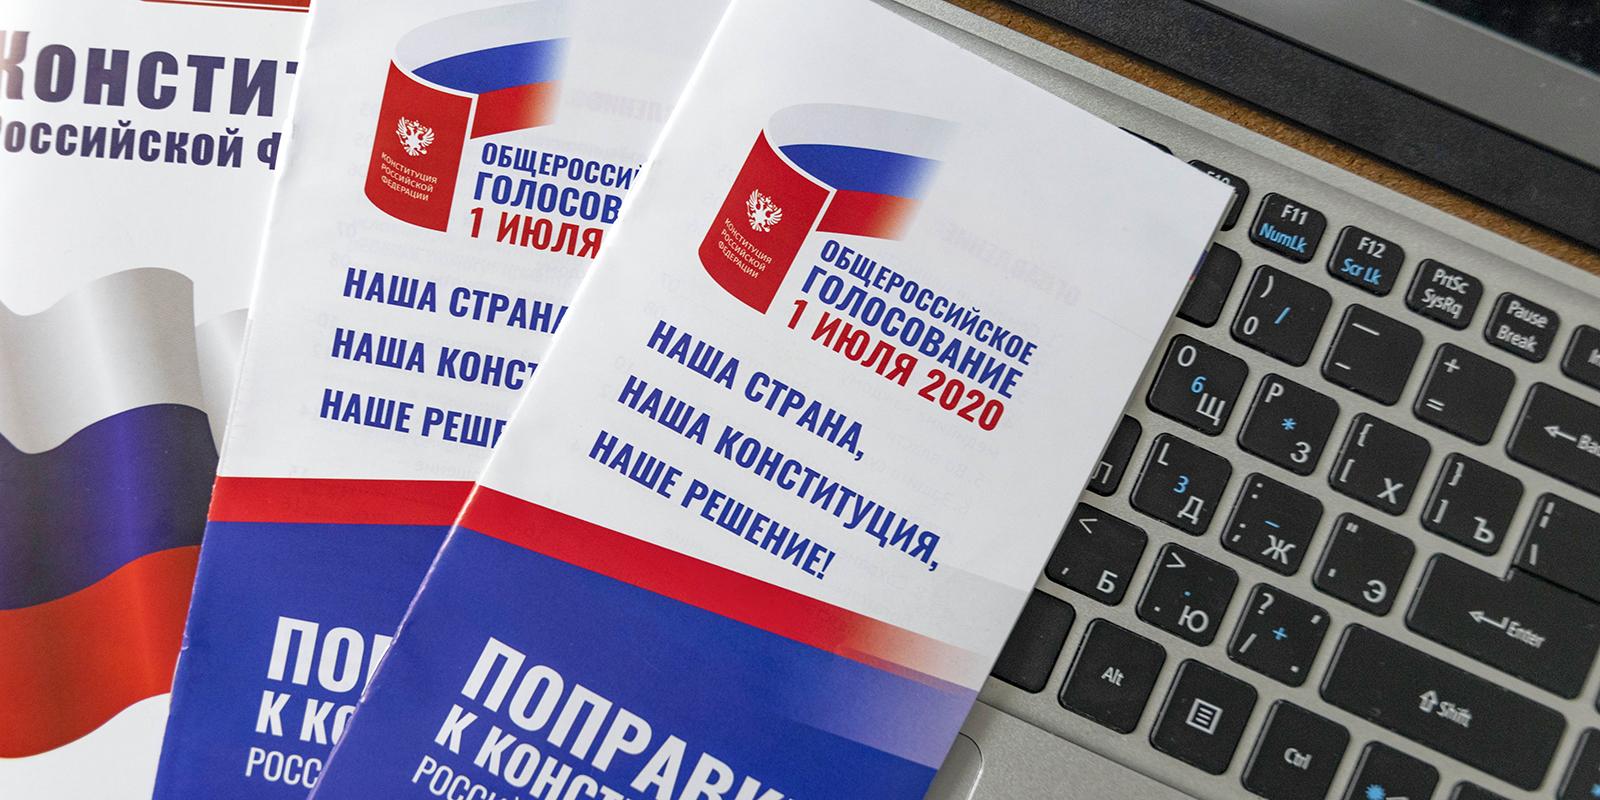 Завершилось электронное голосование по внесению поправок в Конституцию